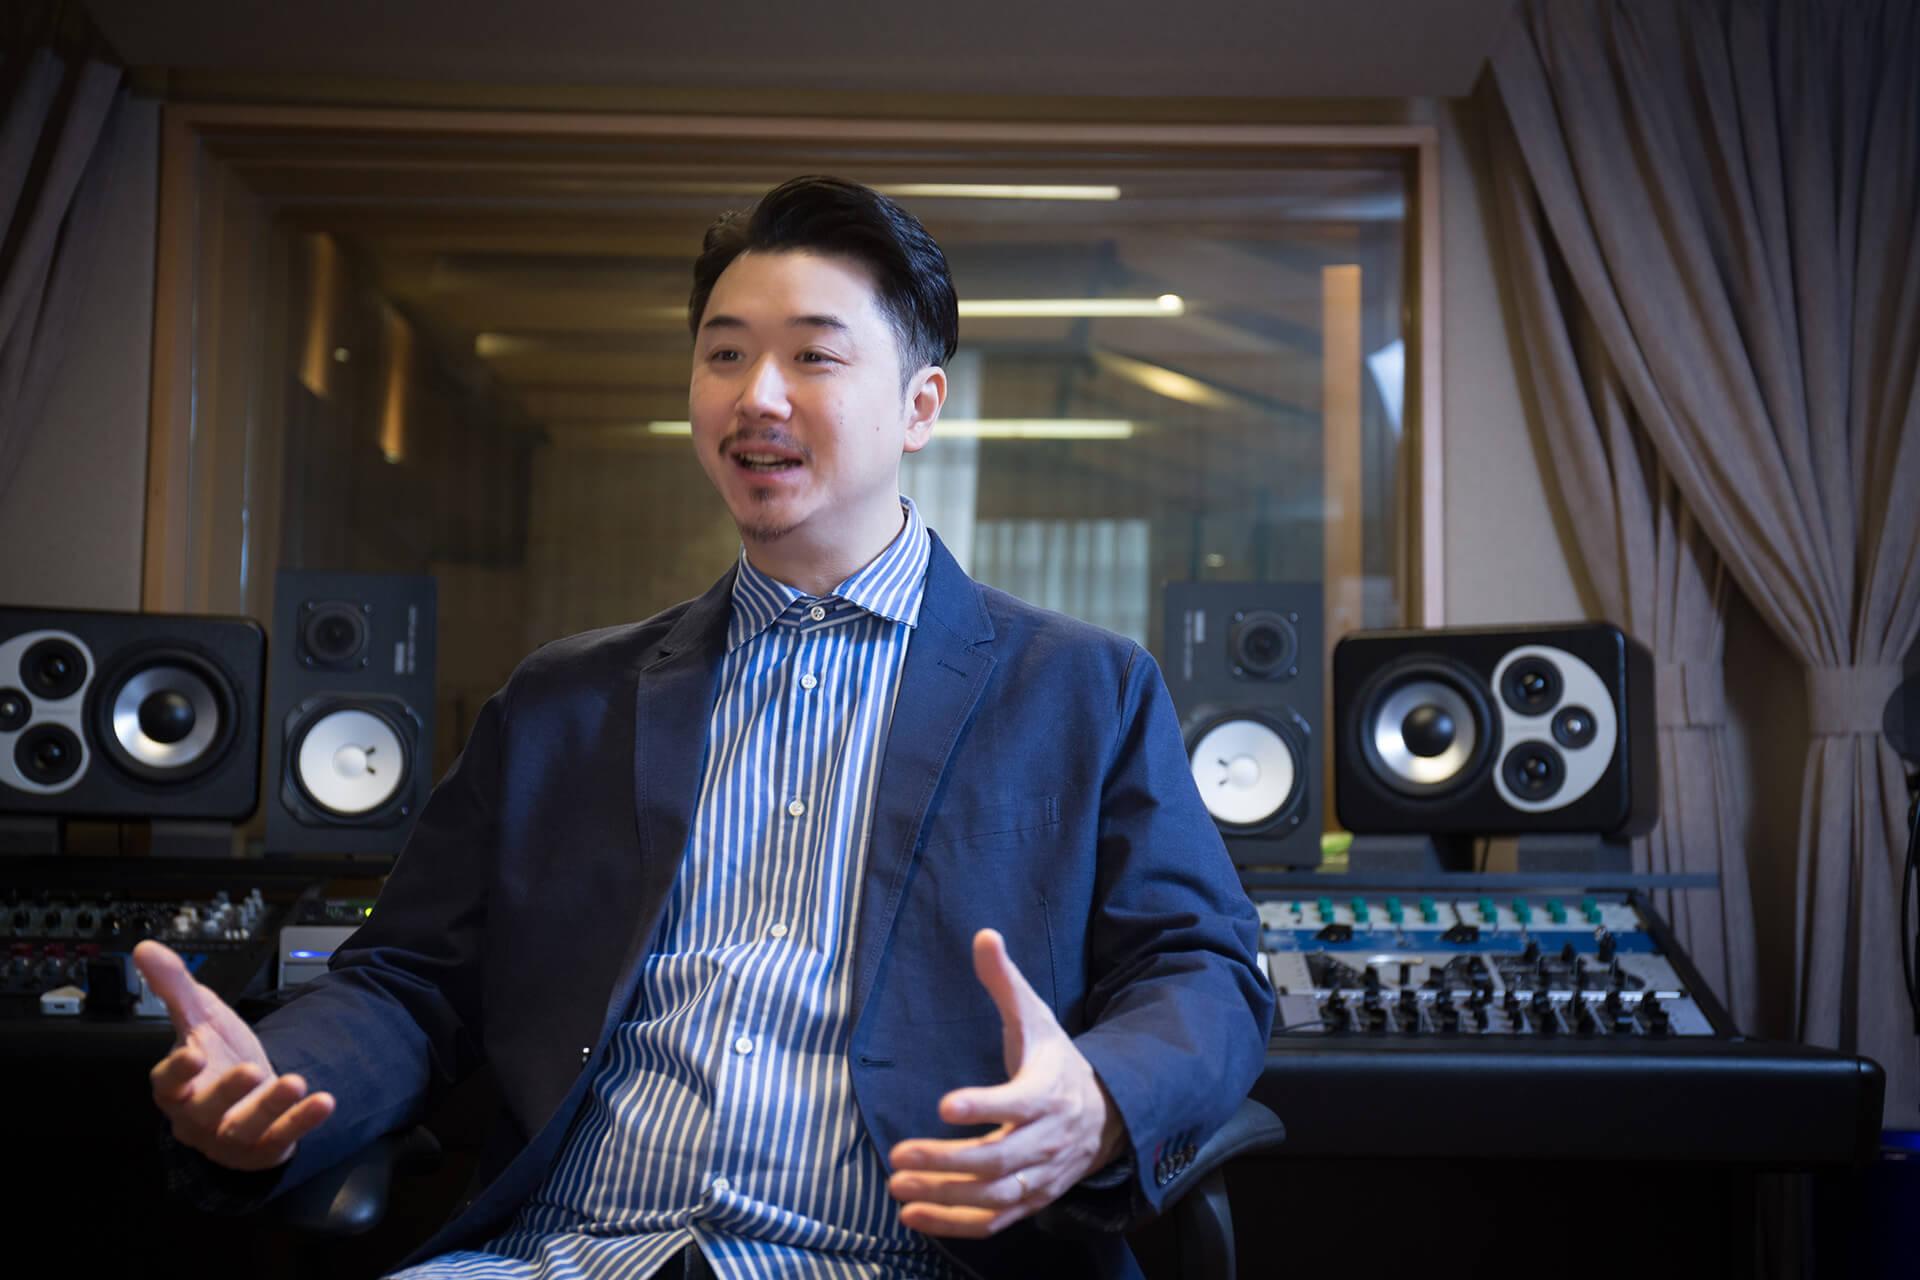 陳浩然(Edward Chan)是《潘迪華音樂旅情演唱會》的音樂總監